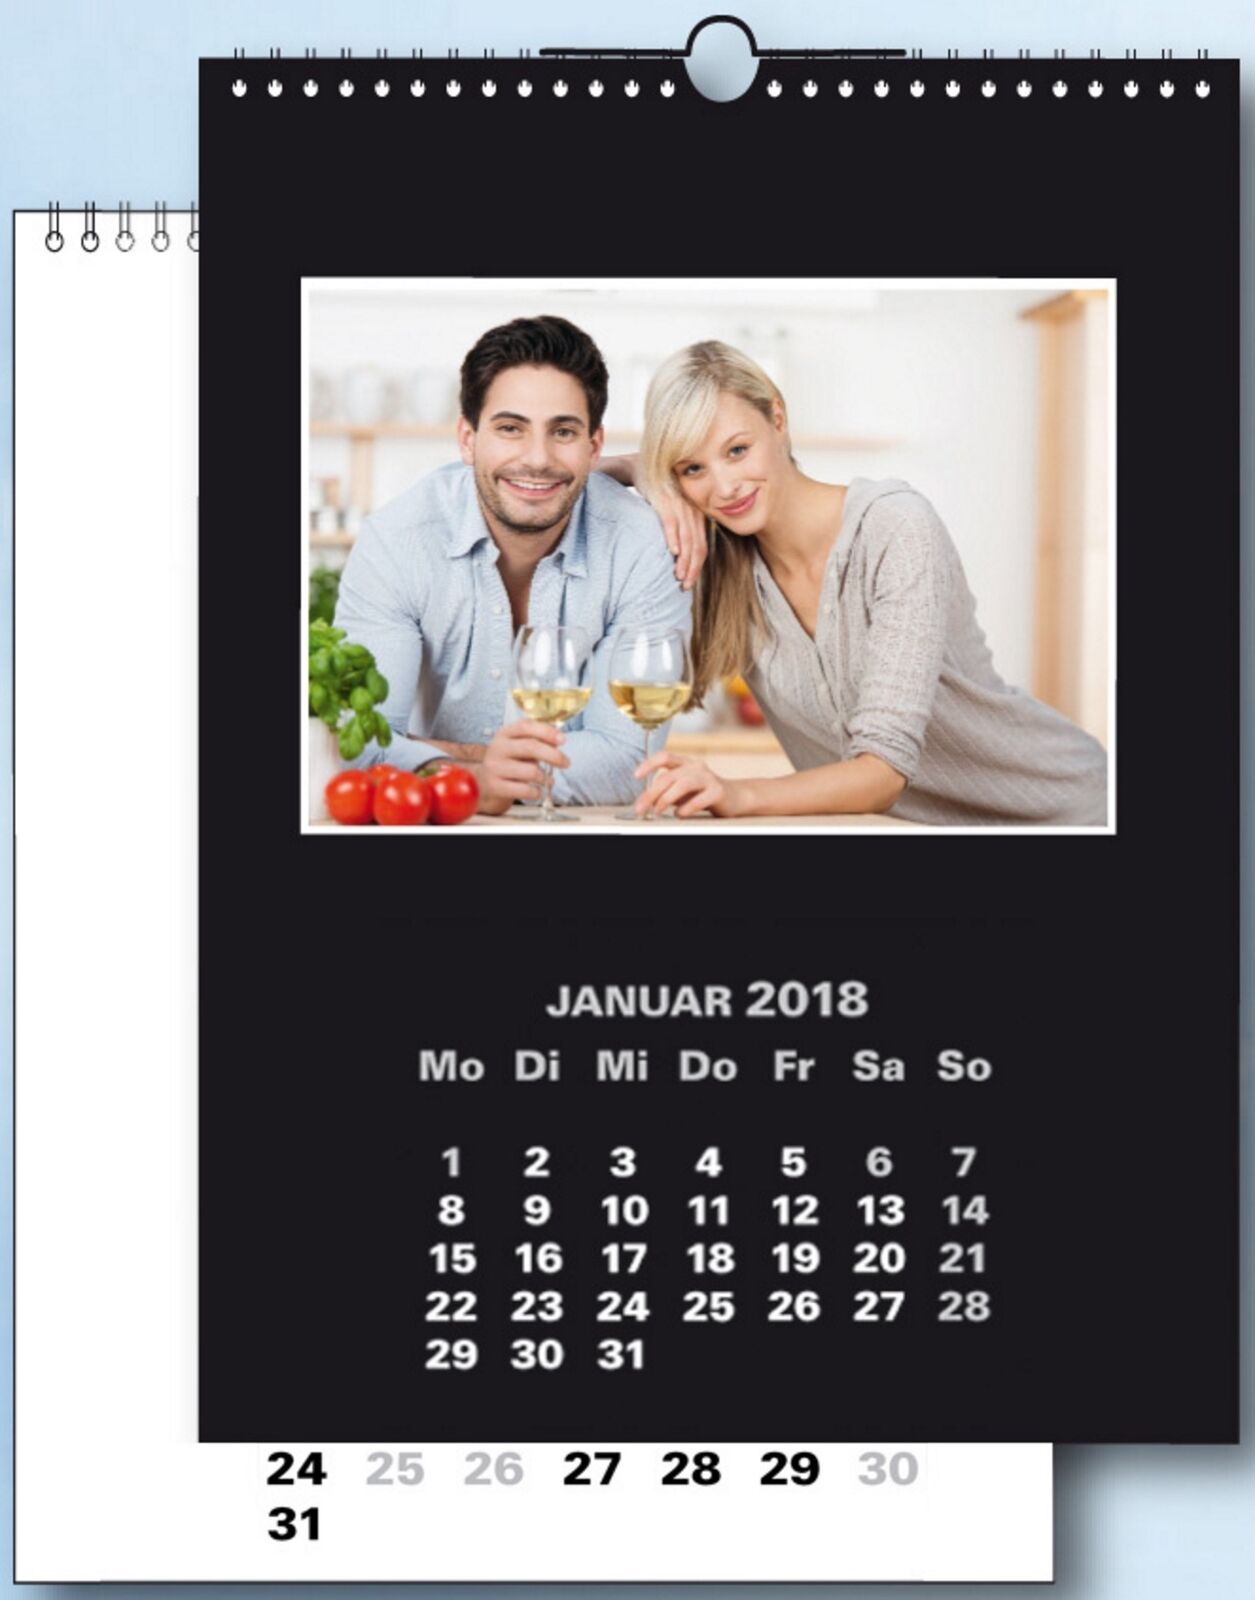 na-und Fotokalender 19x25 Bastelkalender DUO color 2018 für 10x15